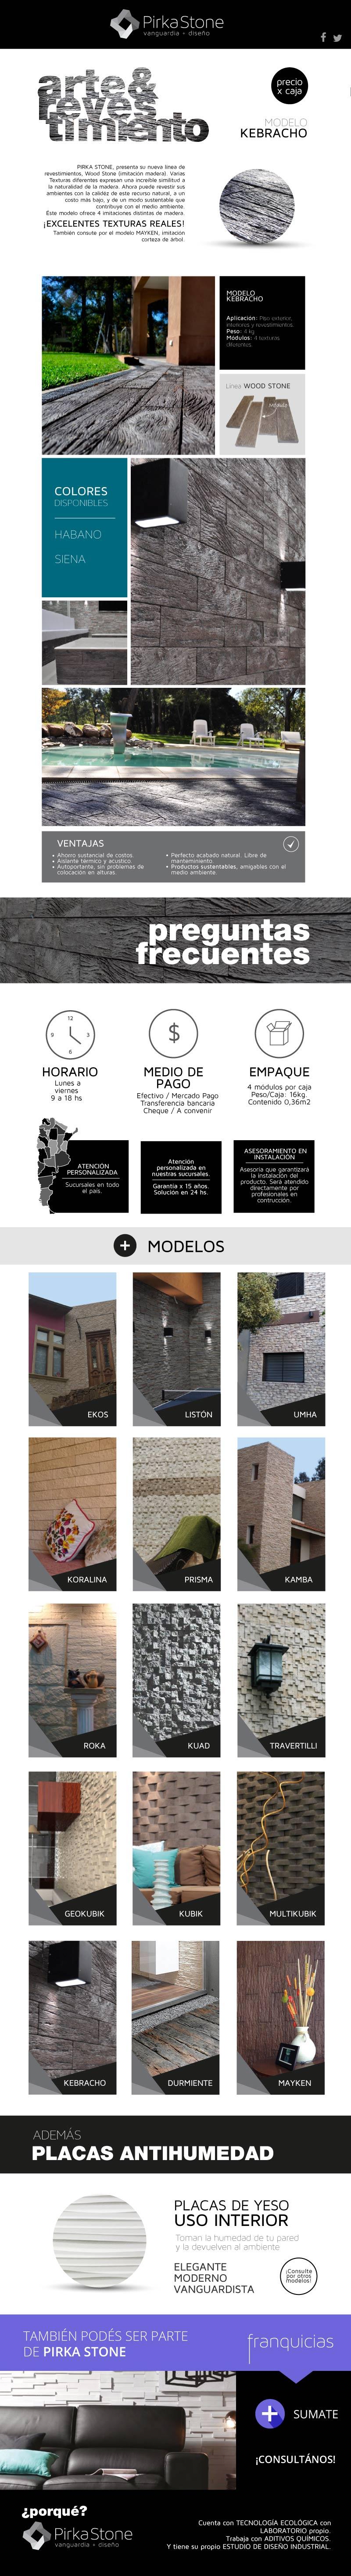 Nueva tecnología aplicada a la reproducción de imitación de maderas para pisos y revestimientos.